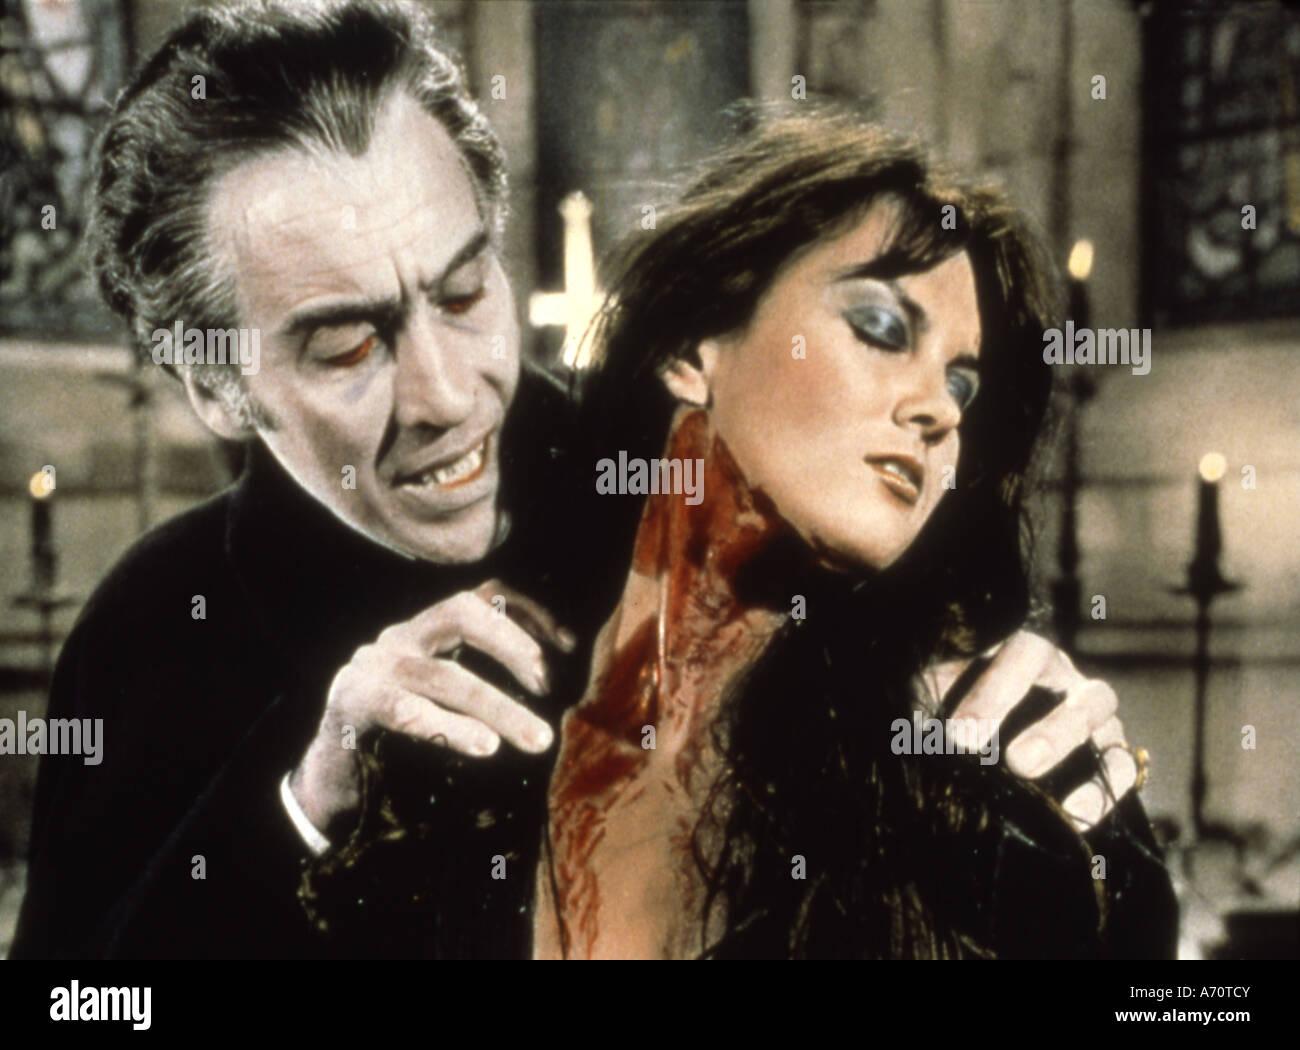 DRACULA ANNUNCIO 1972 -Warner 1972 film con Christopher Lee e Caroline Munro Immagini Stock